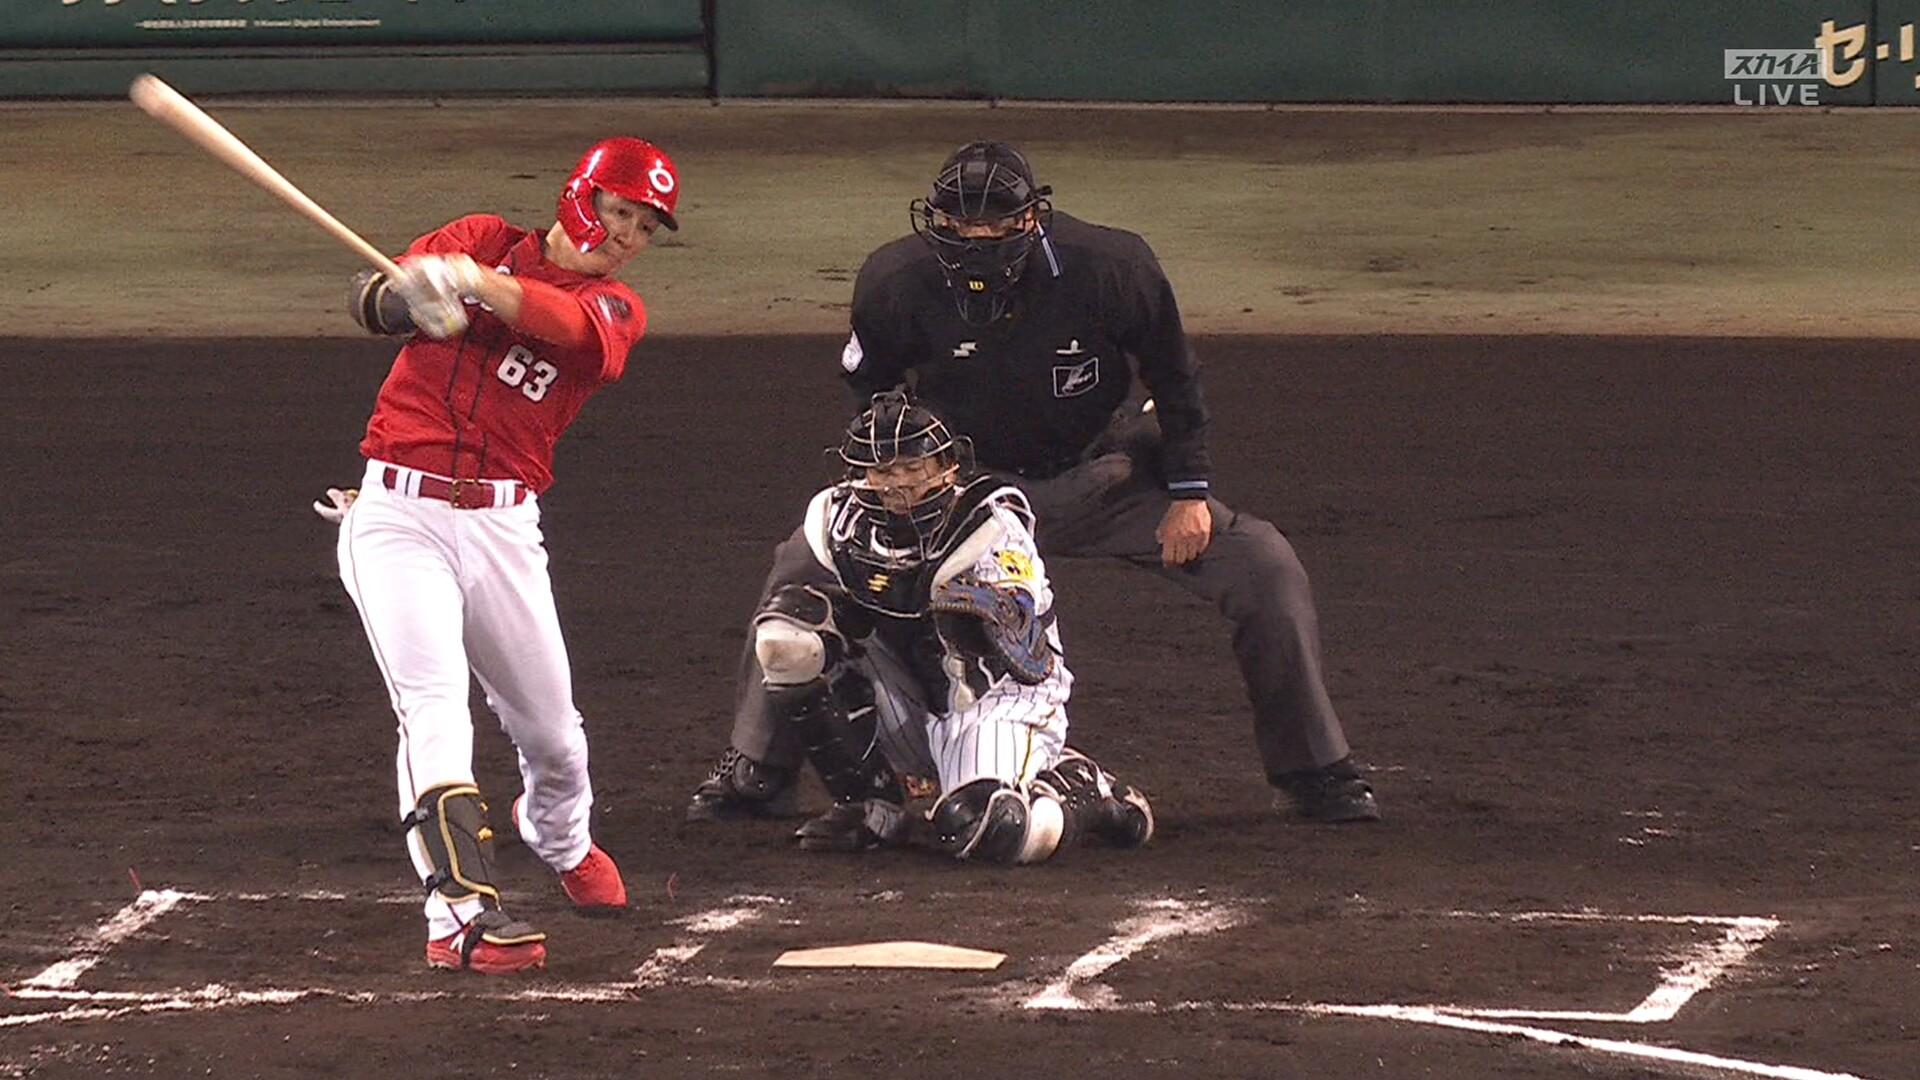 【珍プレー】 広島・西川のファールボールが審判のポケットに直接ホールインワンwwww